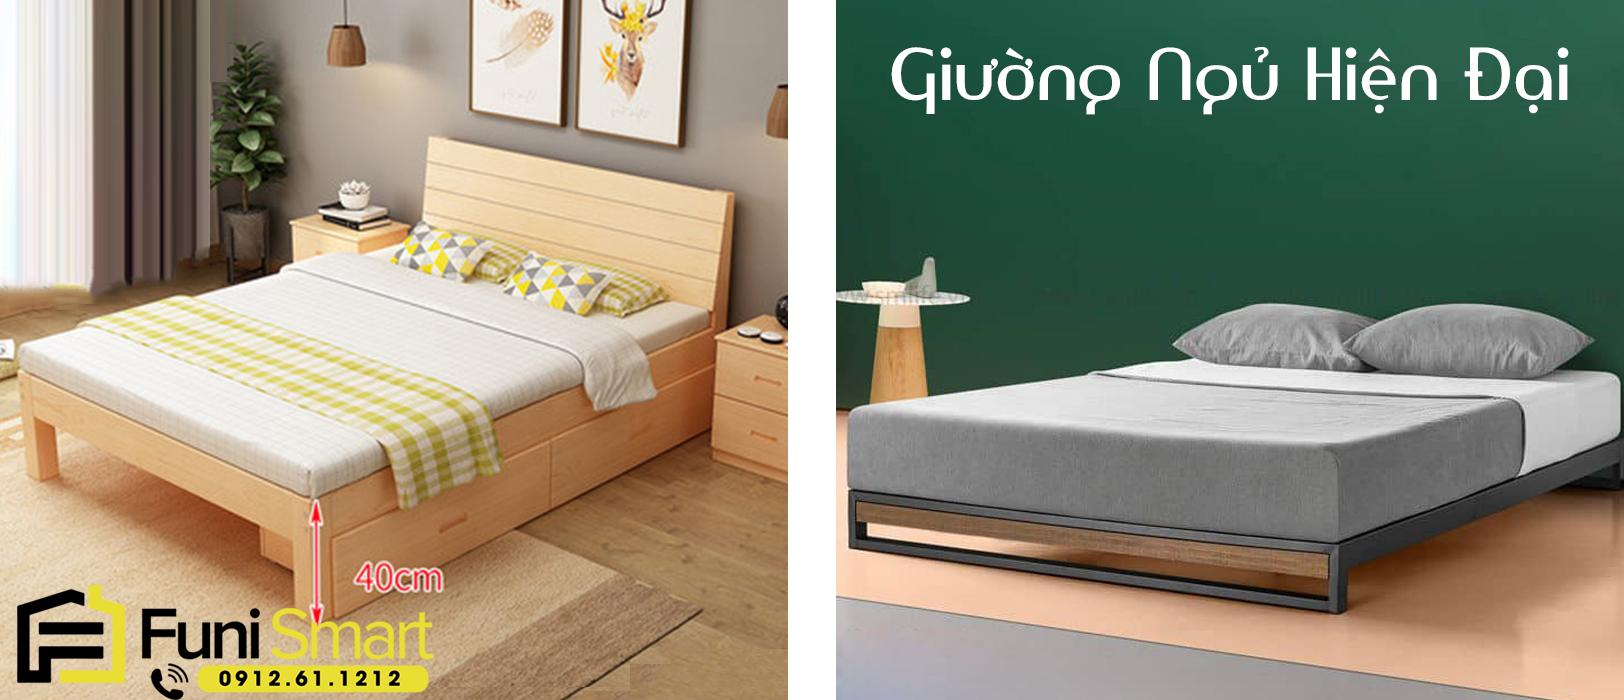 Giường ngủ hiện đại đẹp theo xu hướng